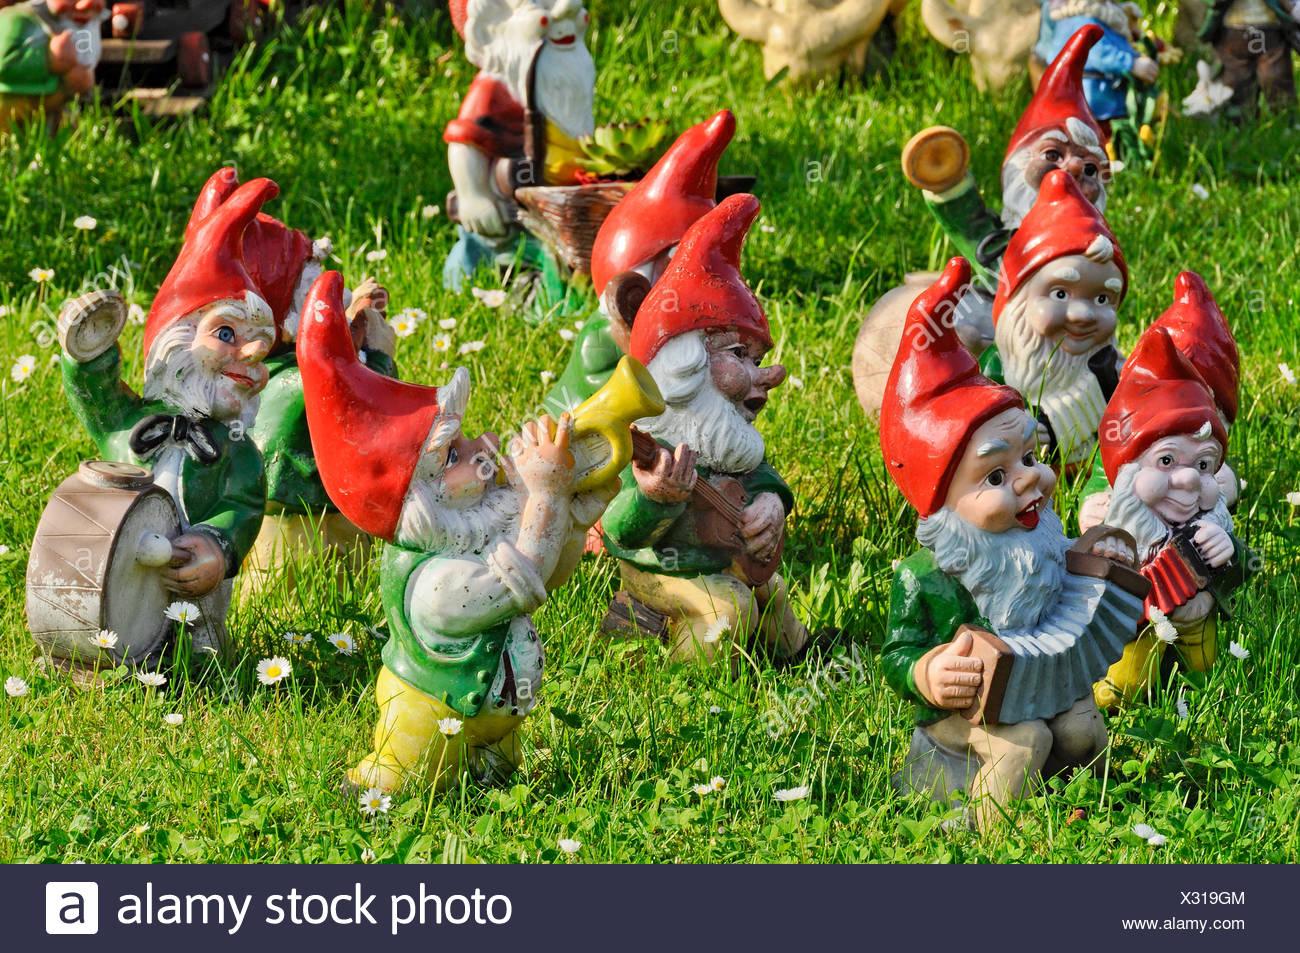 Gnome In Garden: Garden Gnomes Dwarves Stock Photos & Garden Gnomes Dwarves